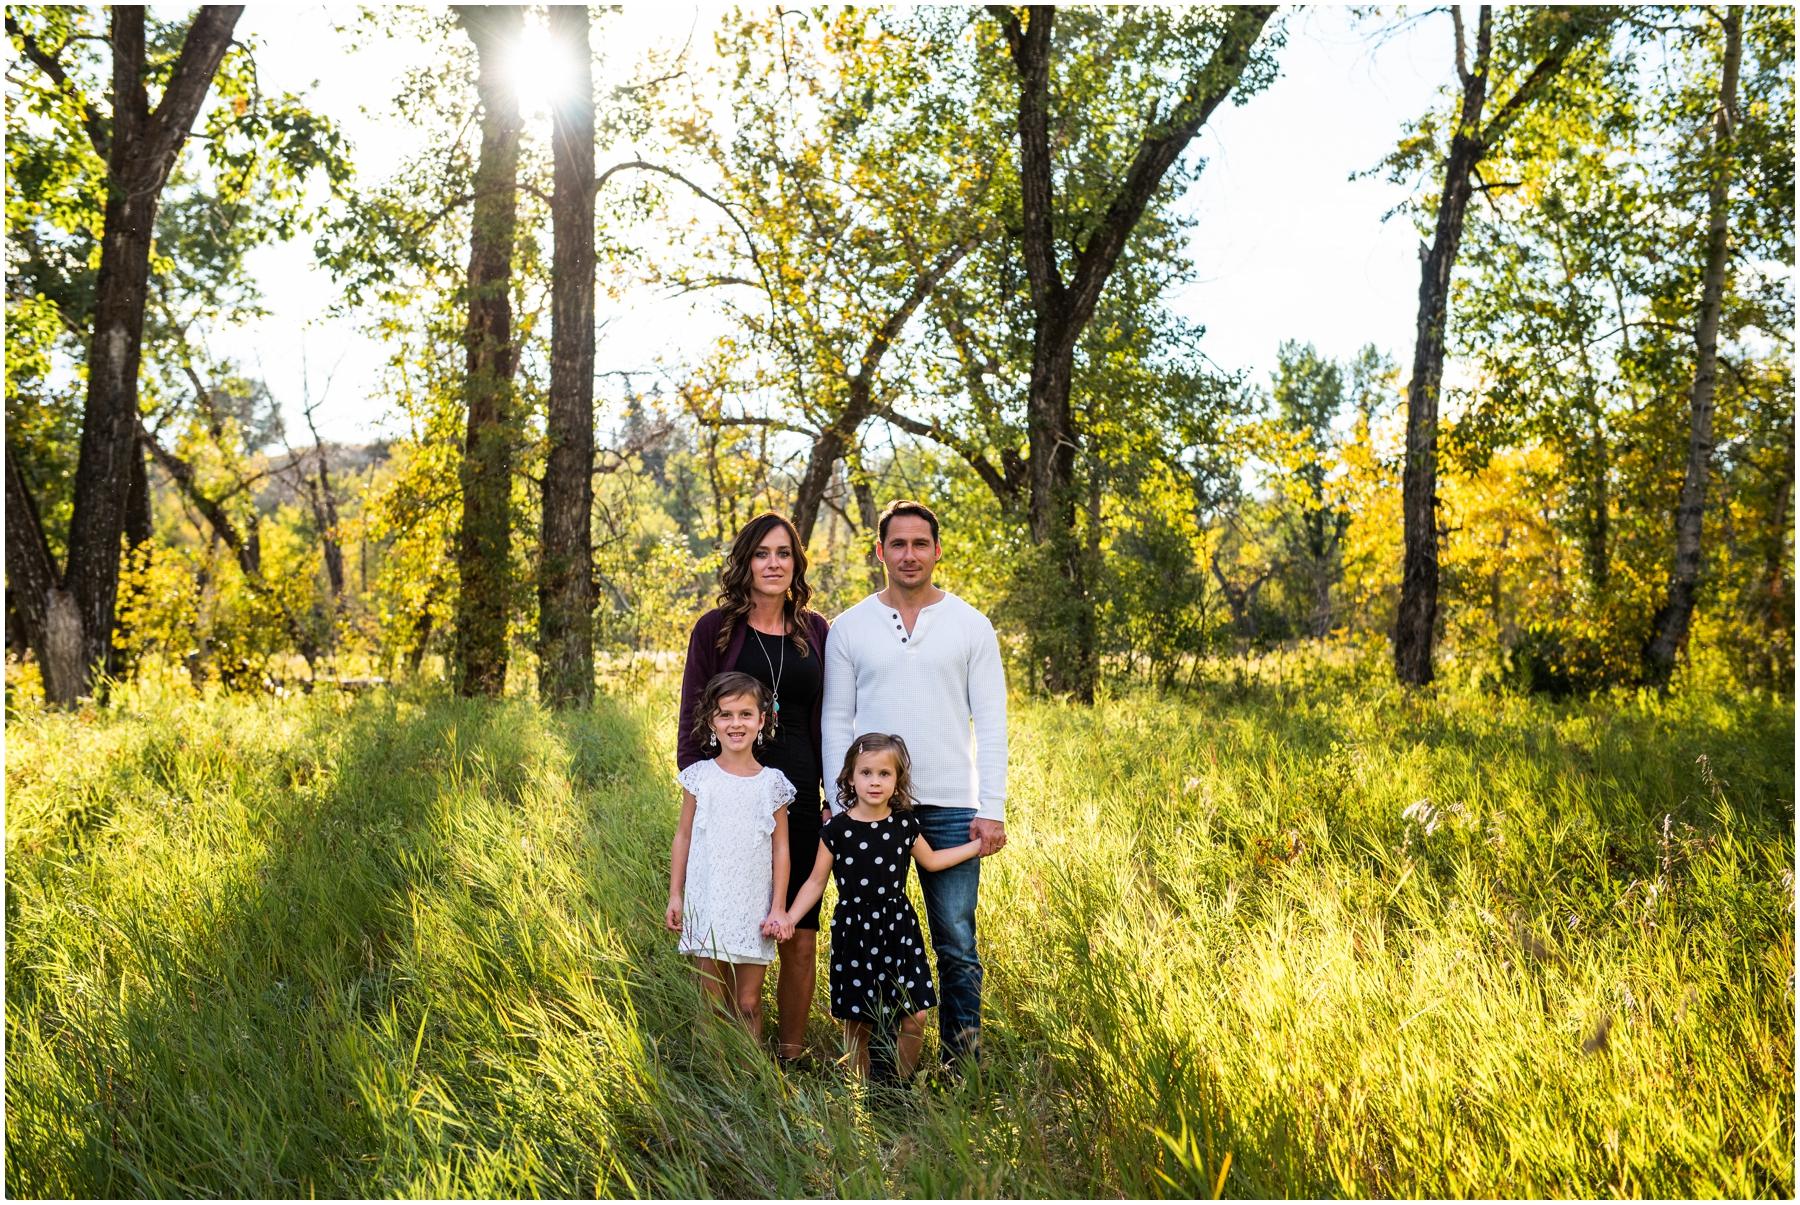 Fall Family Photos Calgary